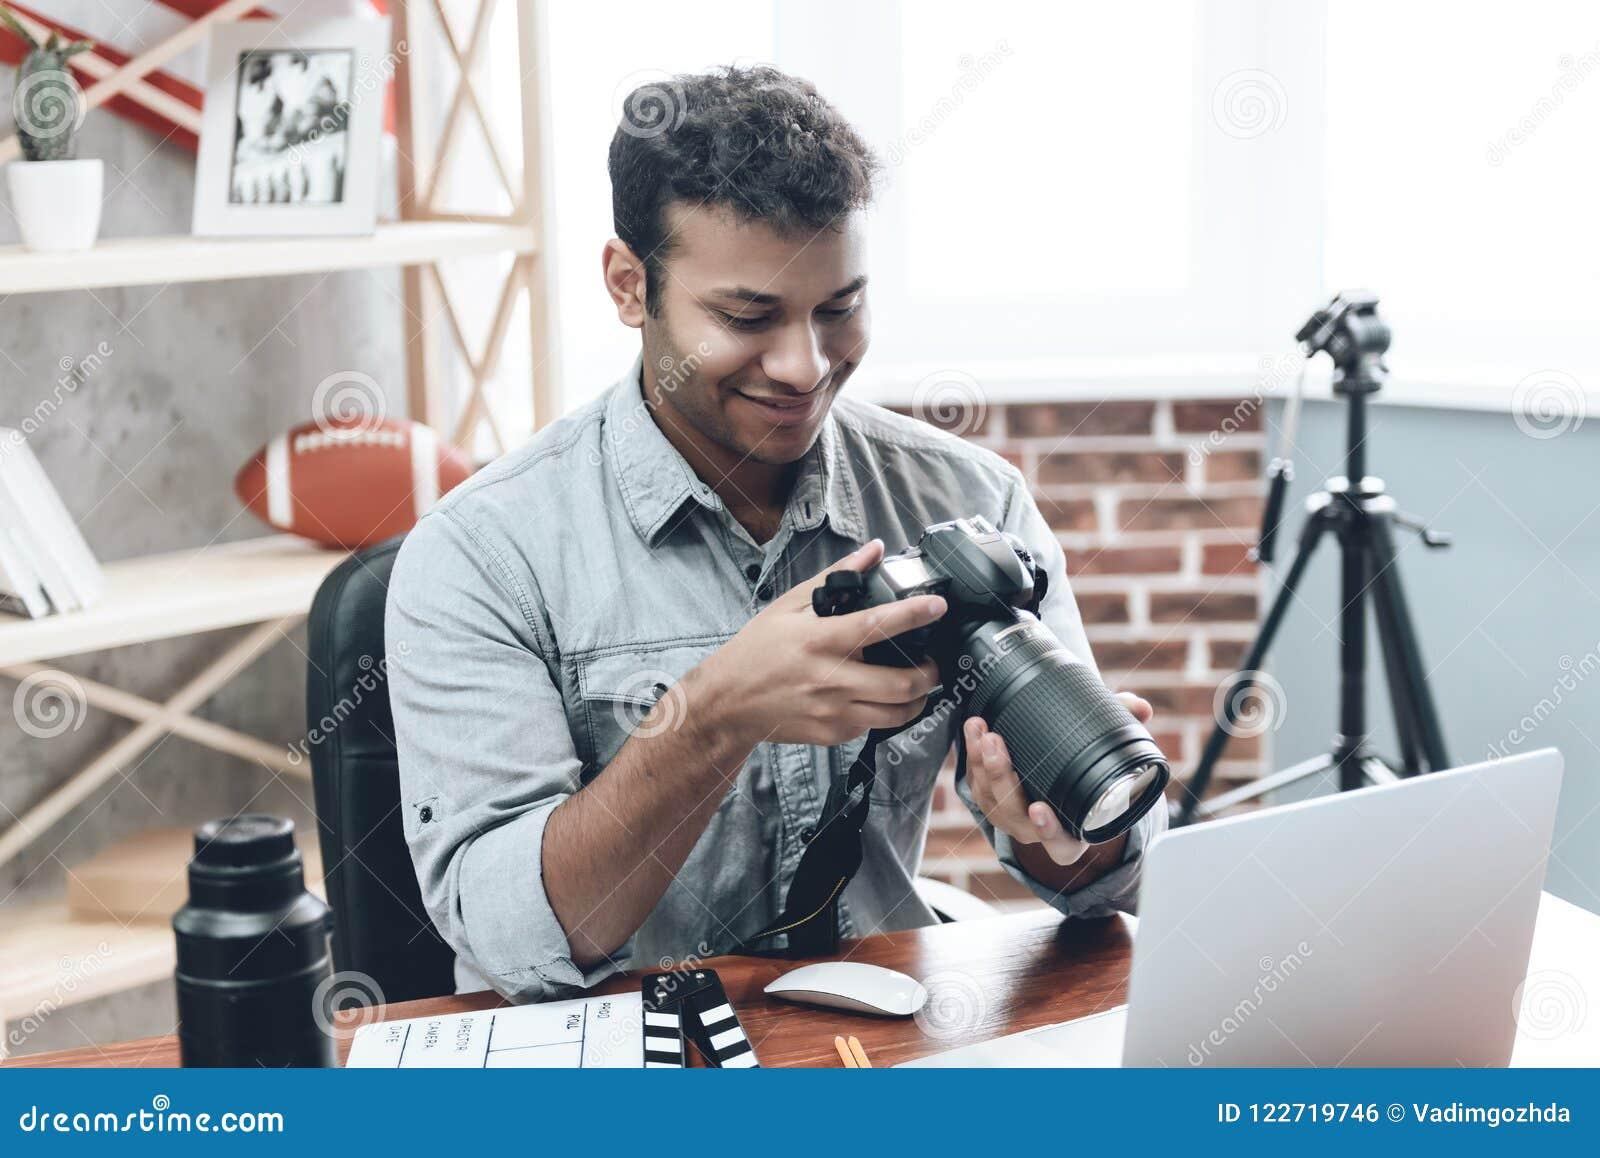 Photographe heureux indien Work de jeune homme de maison